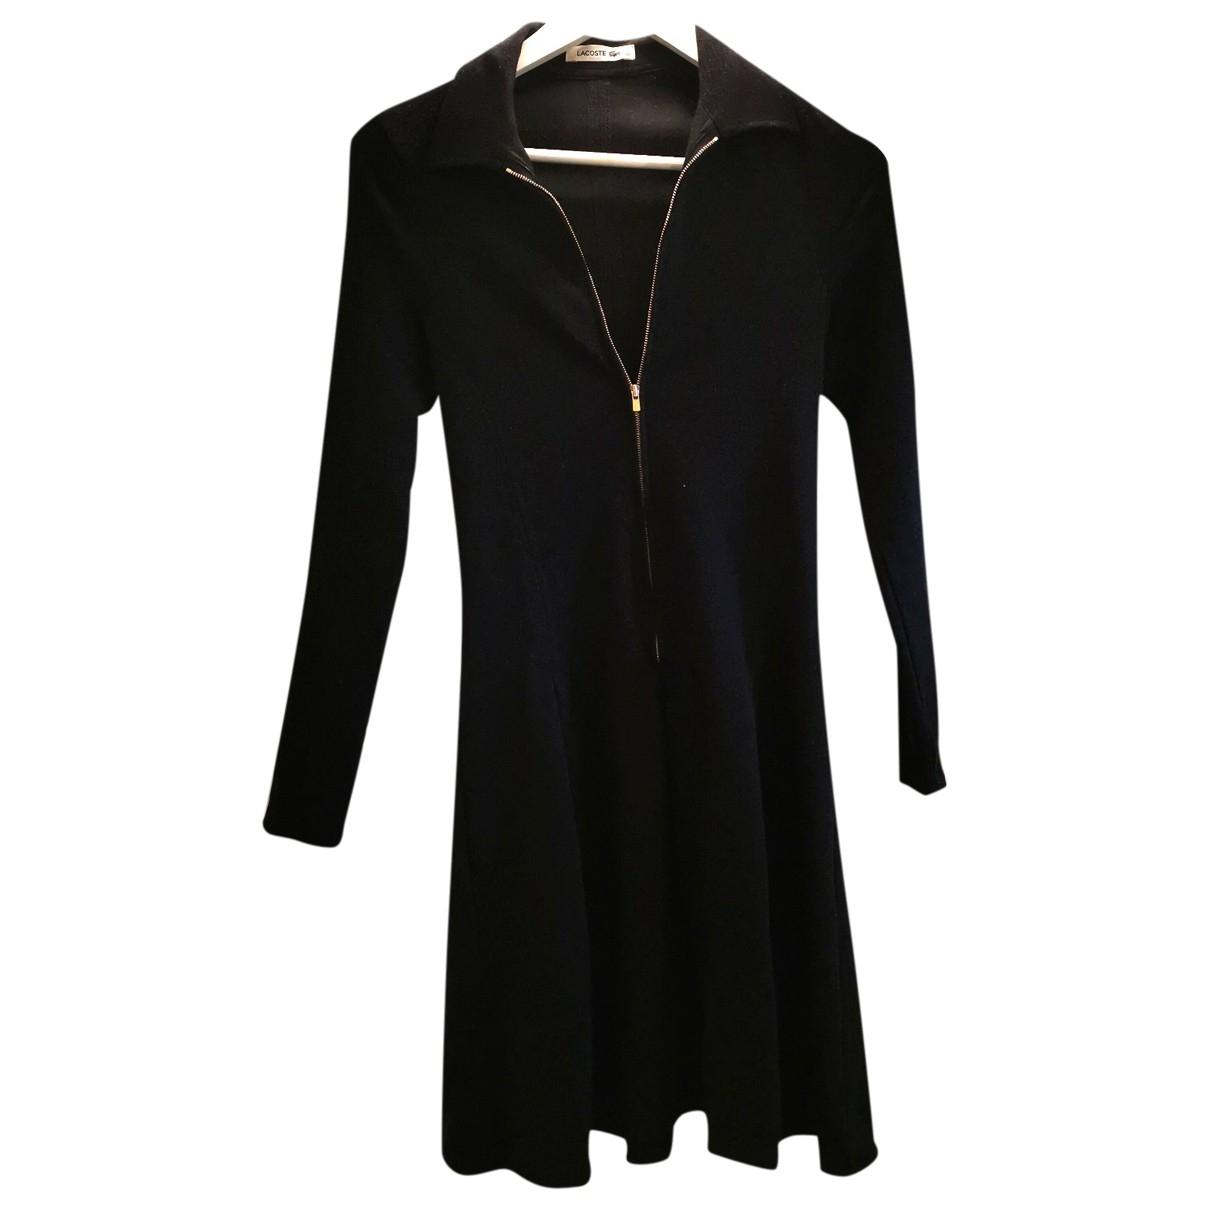 Lacoste \N Black Wool dress for Women 32 FR